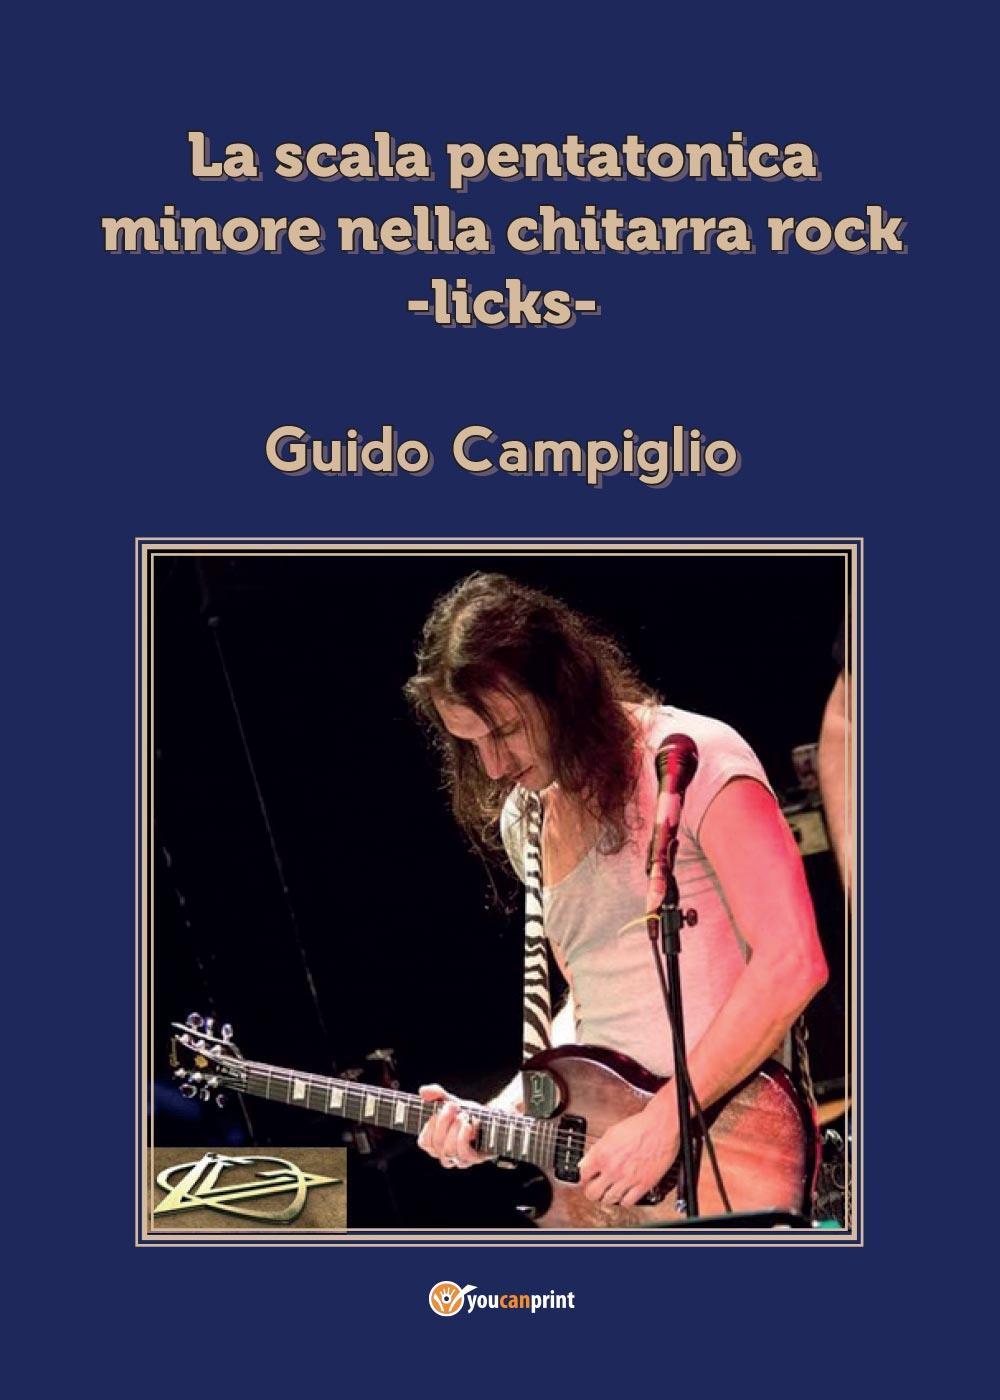 La scala pentatonica minore nella chitarra rock -licks-